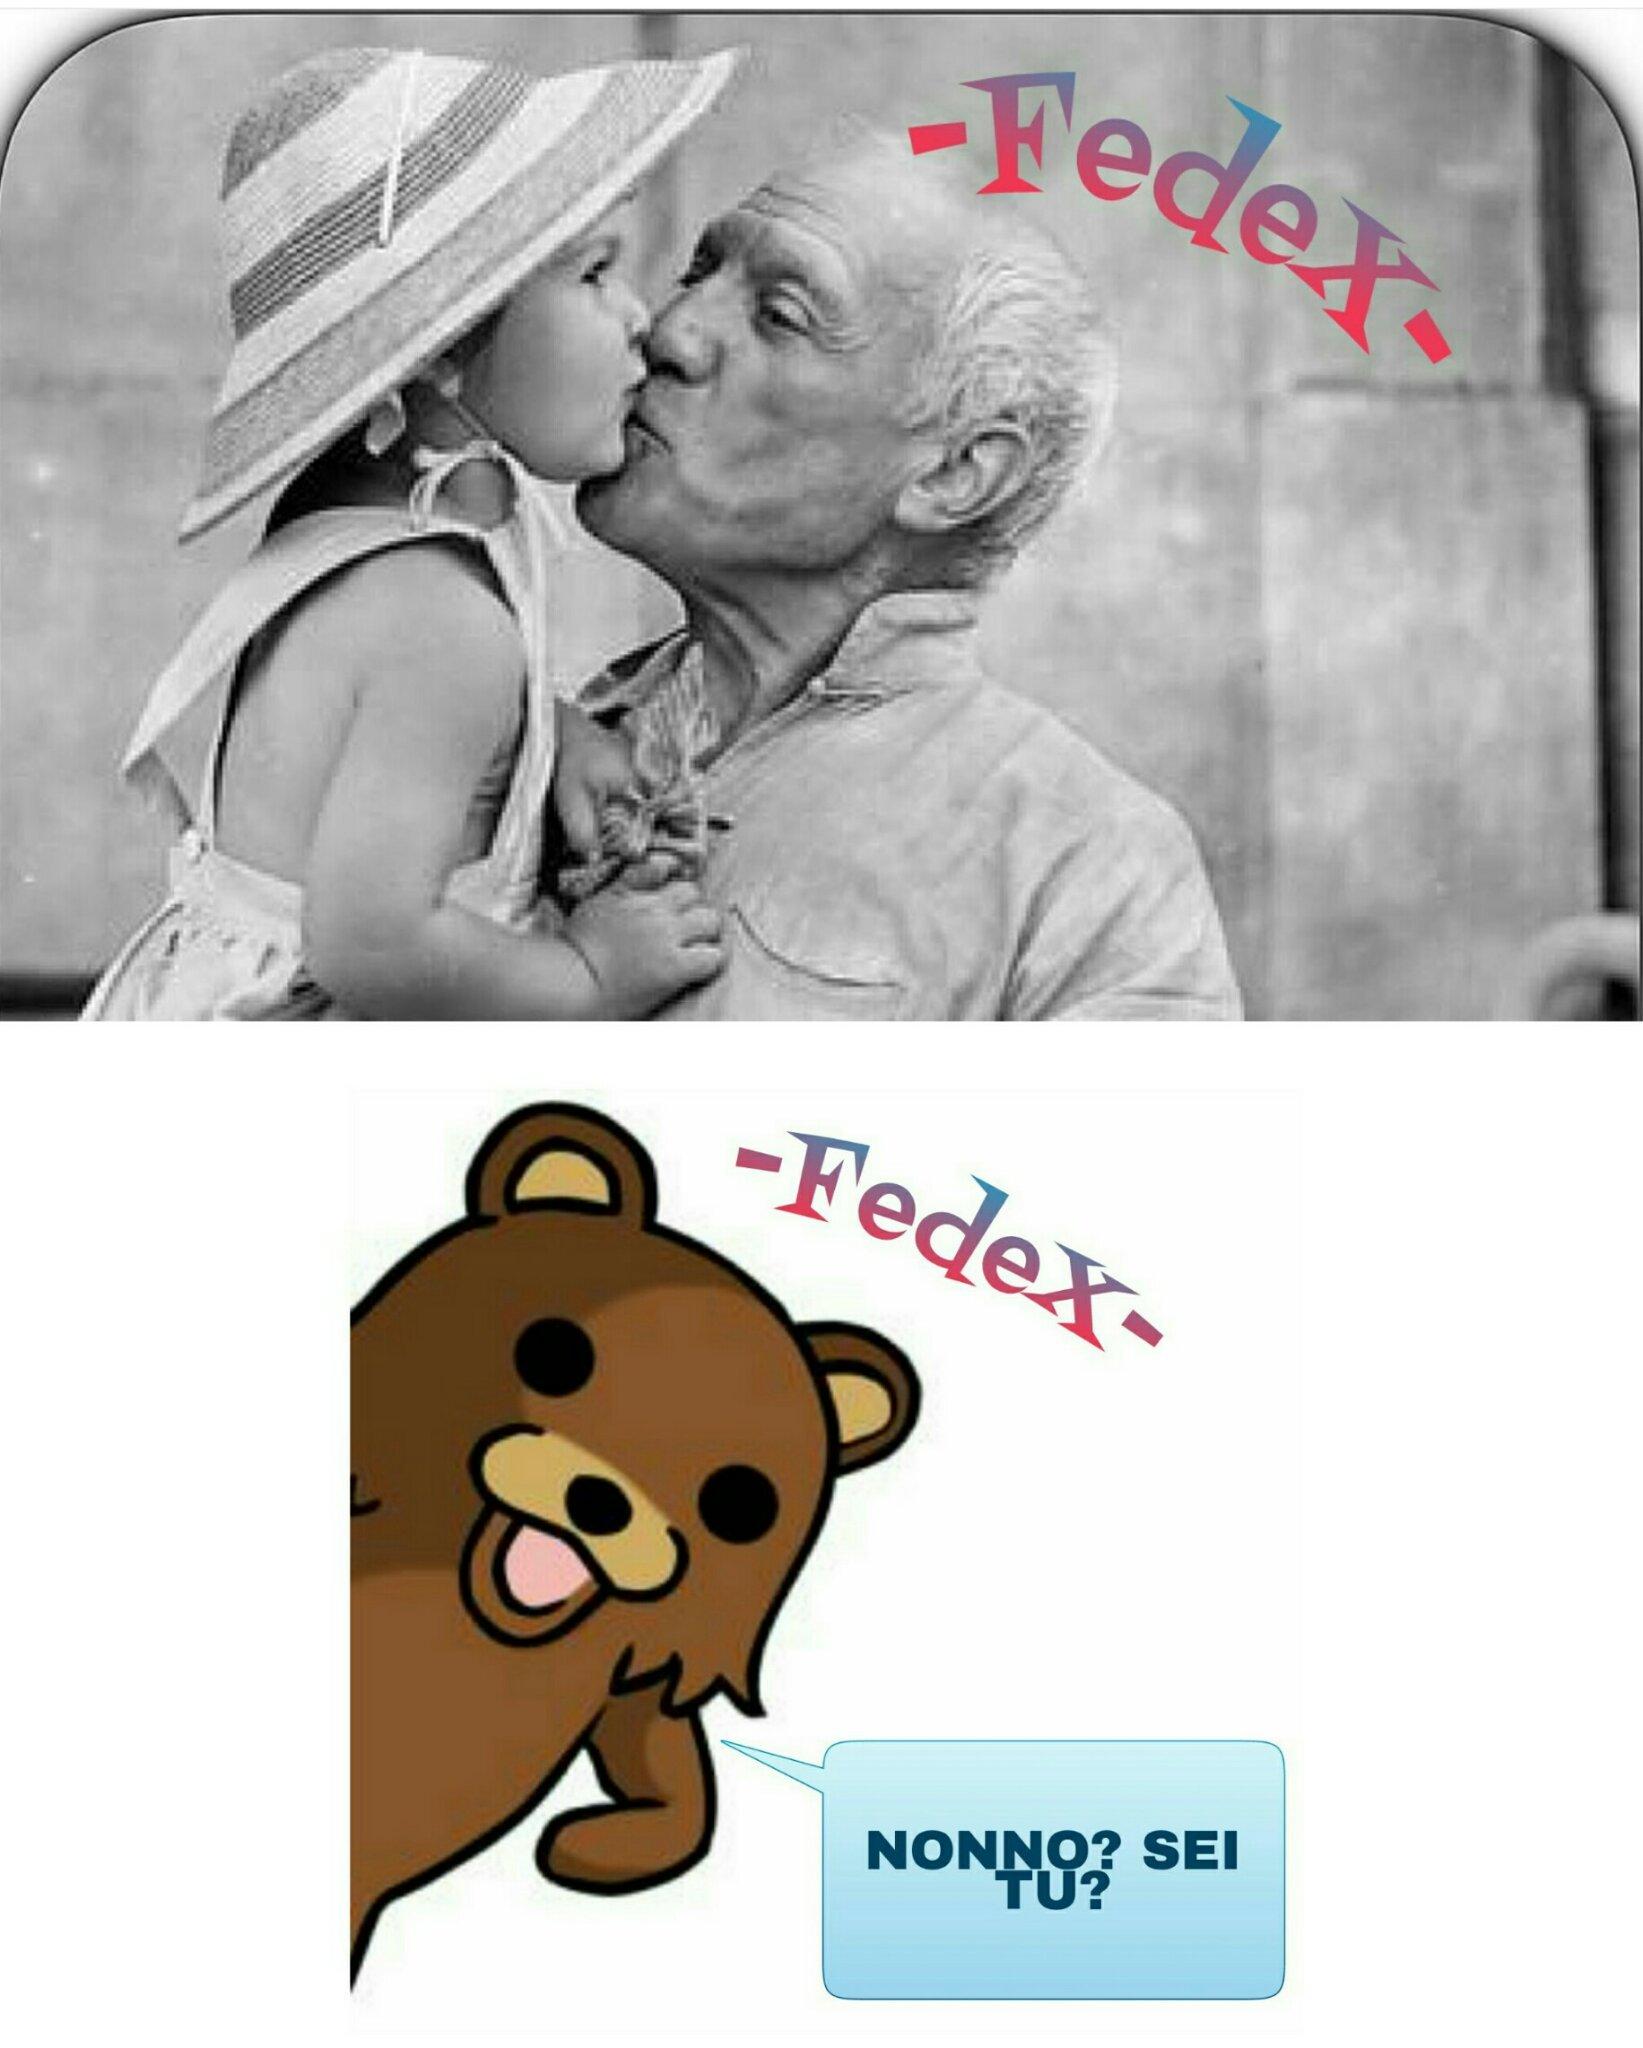 Cito Polistirolo, Xalexf89, Dogeon, AndreaD, Commentatore24. Spero piaccia! :) - meme